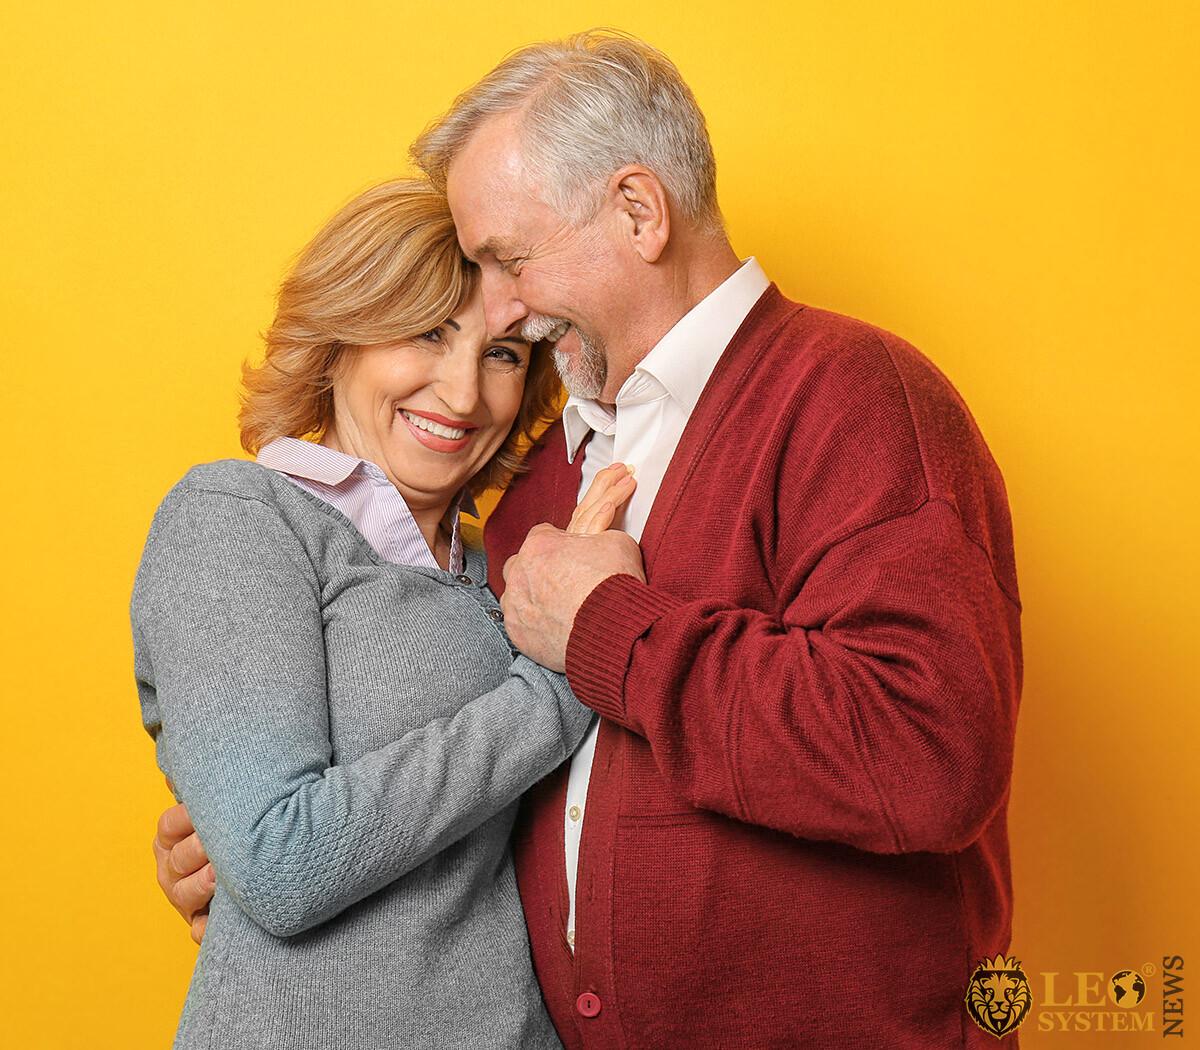 Happy elderly man hugs his woman tenderly